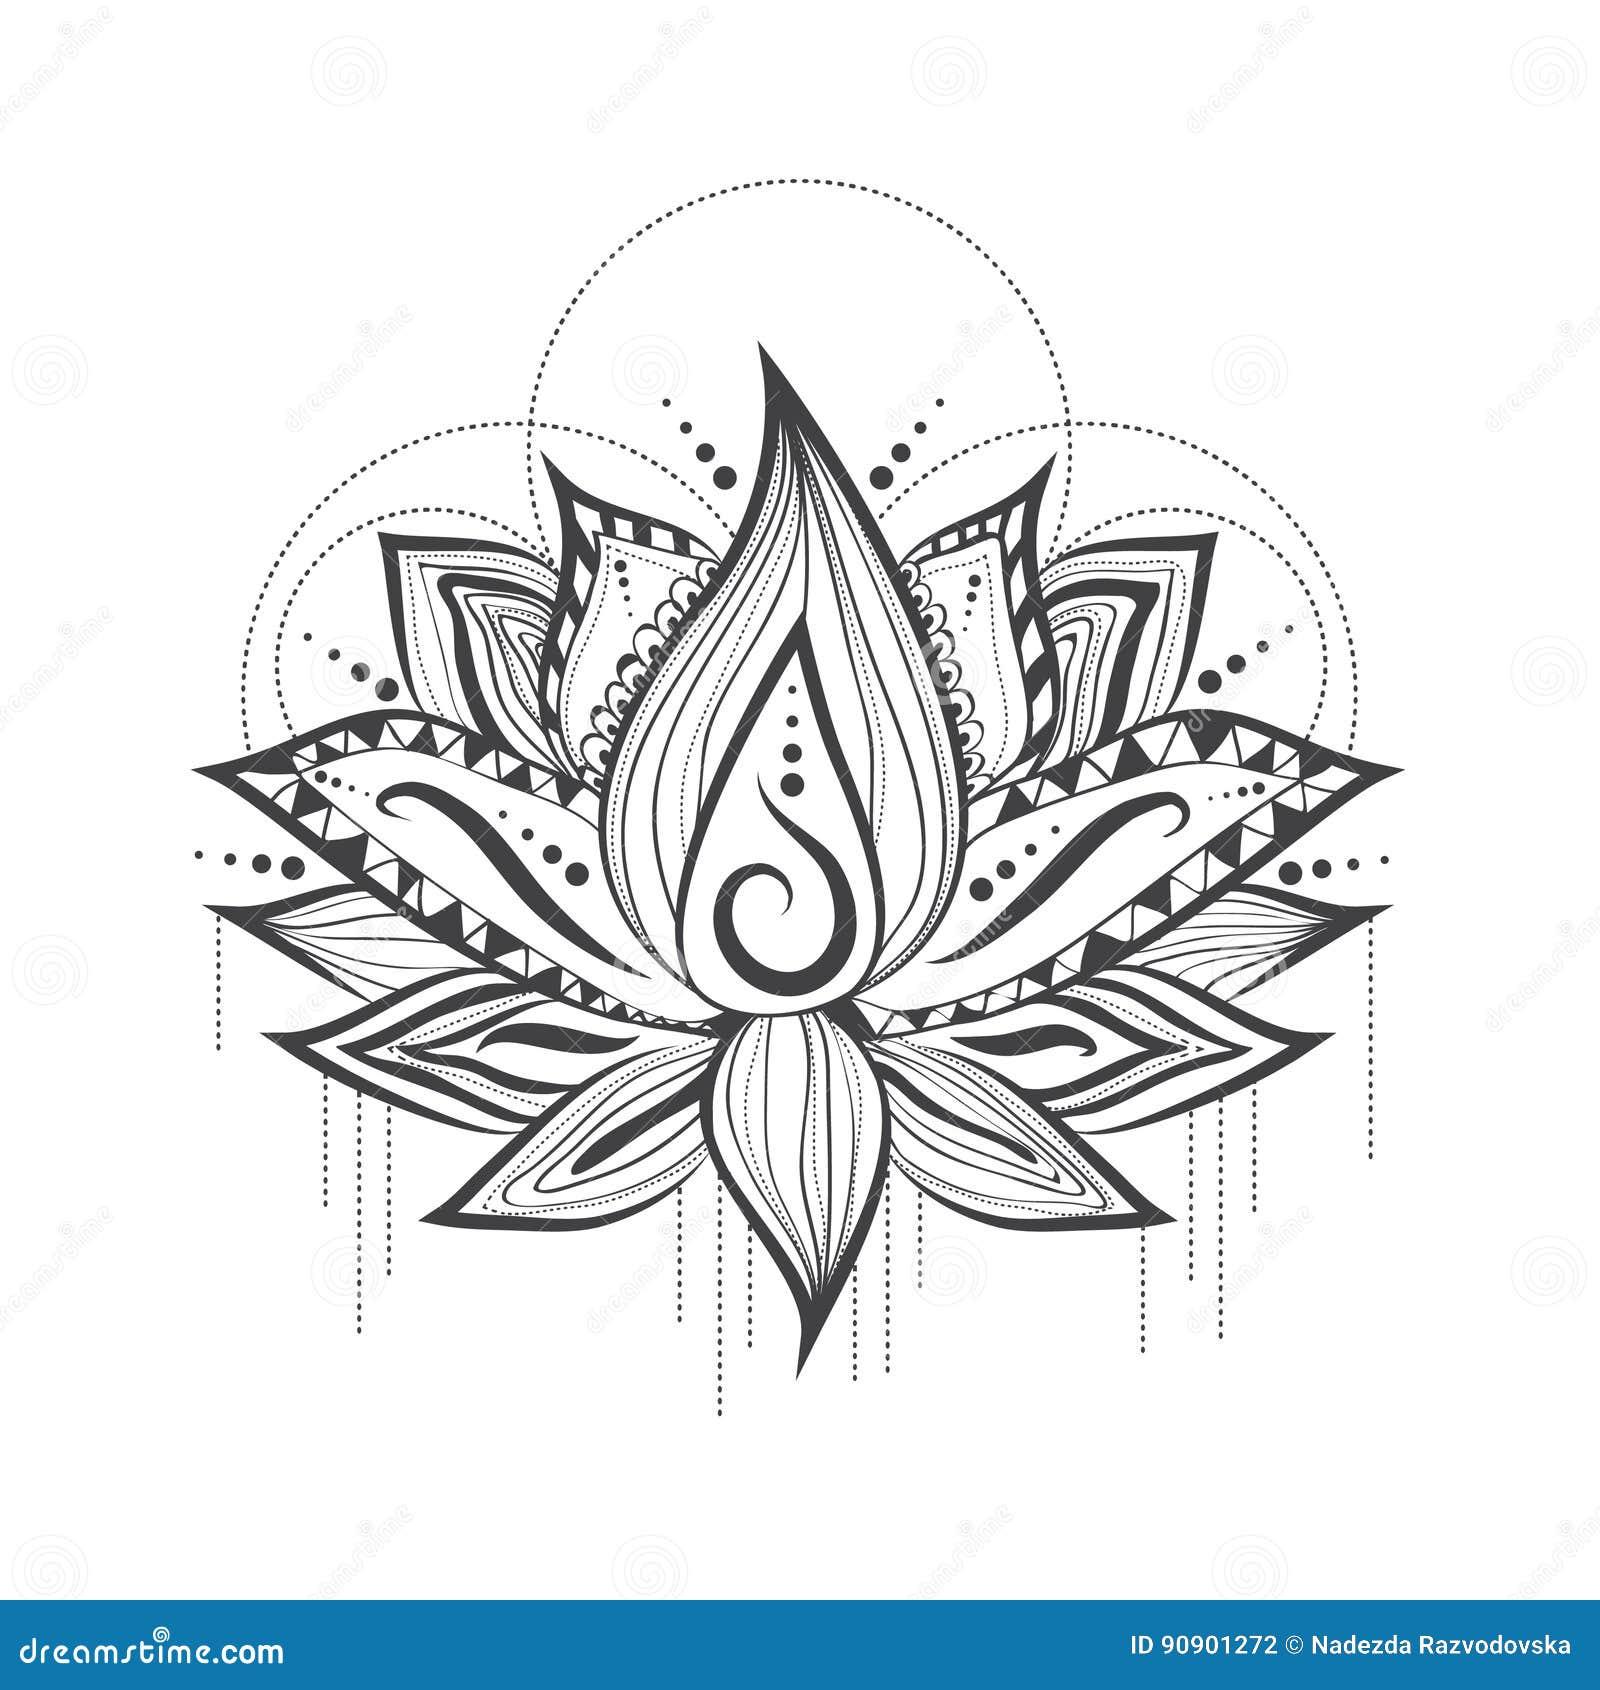 abstracte tatoegering logo design van lotus flower vector